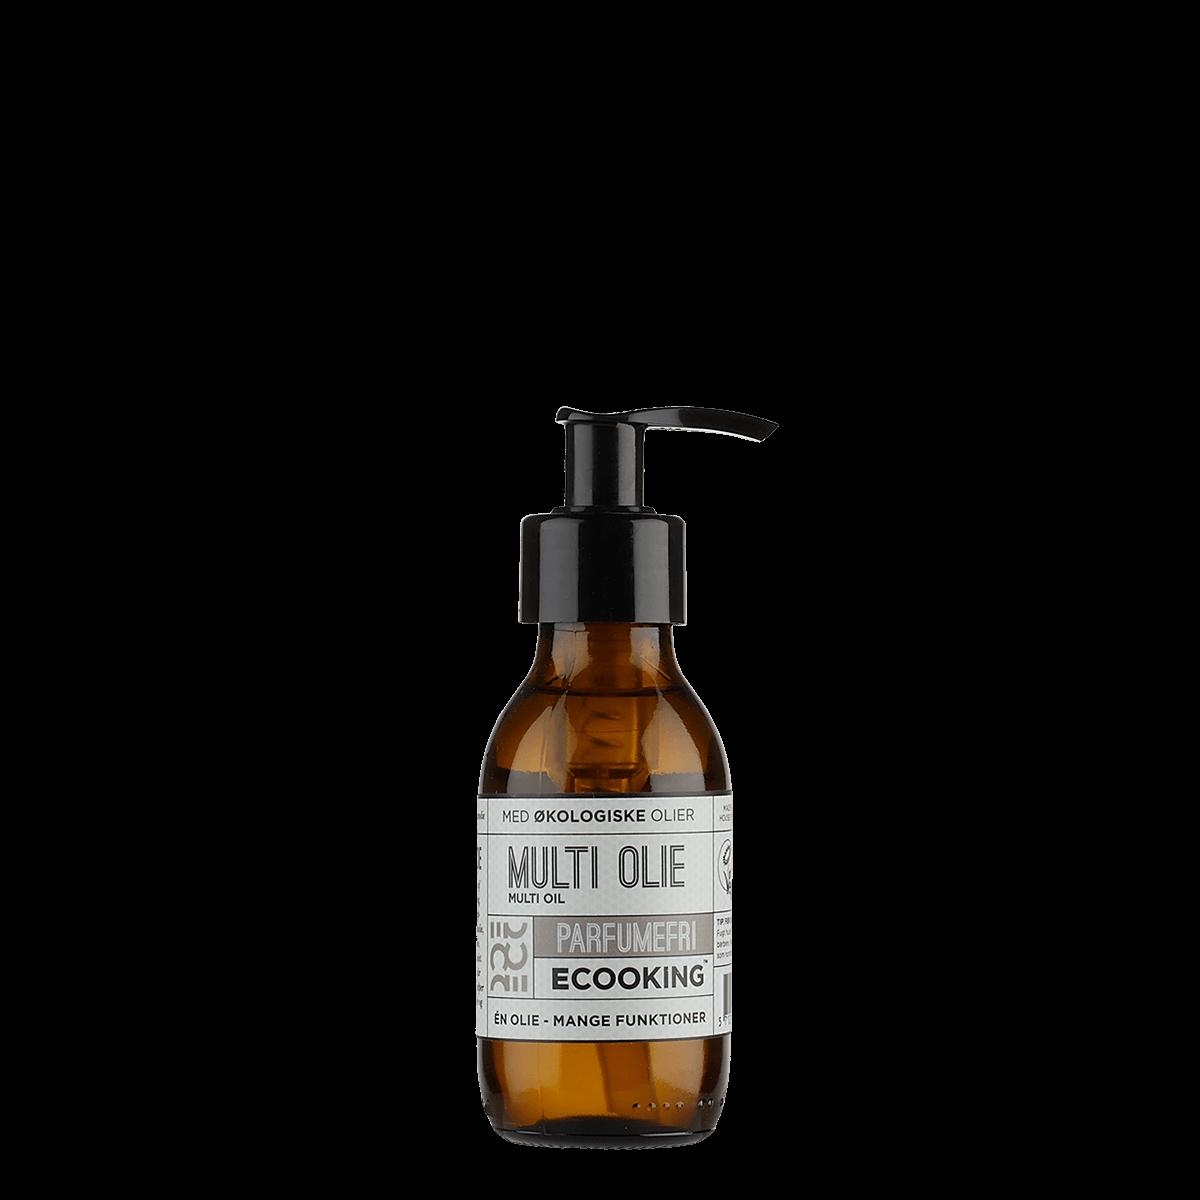 Multi Olie Parfumefri 100 ml